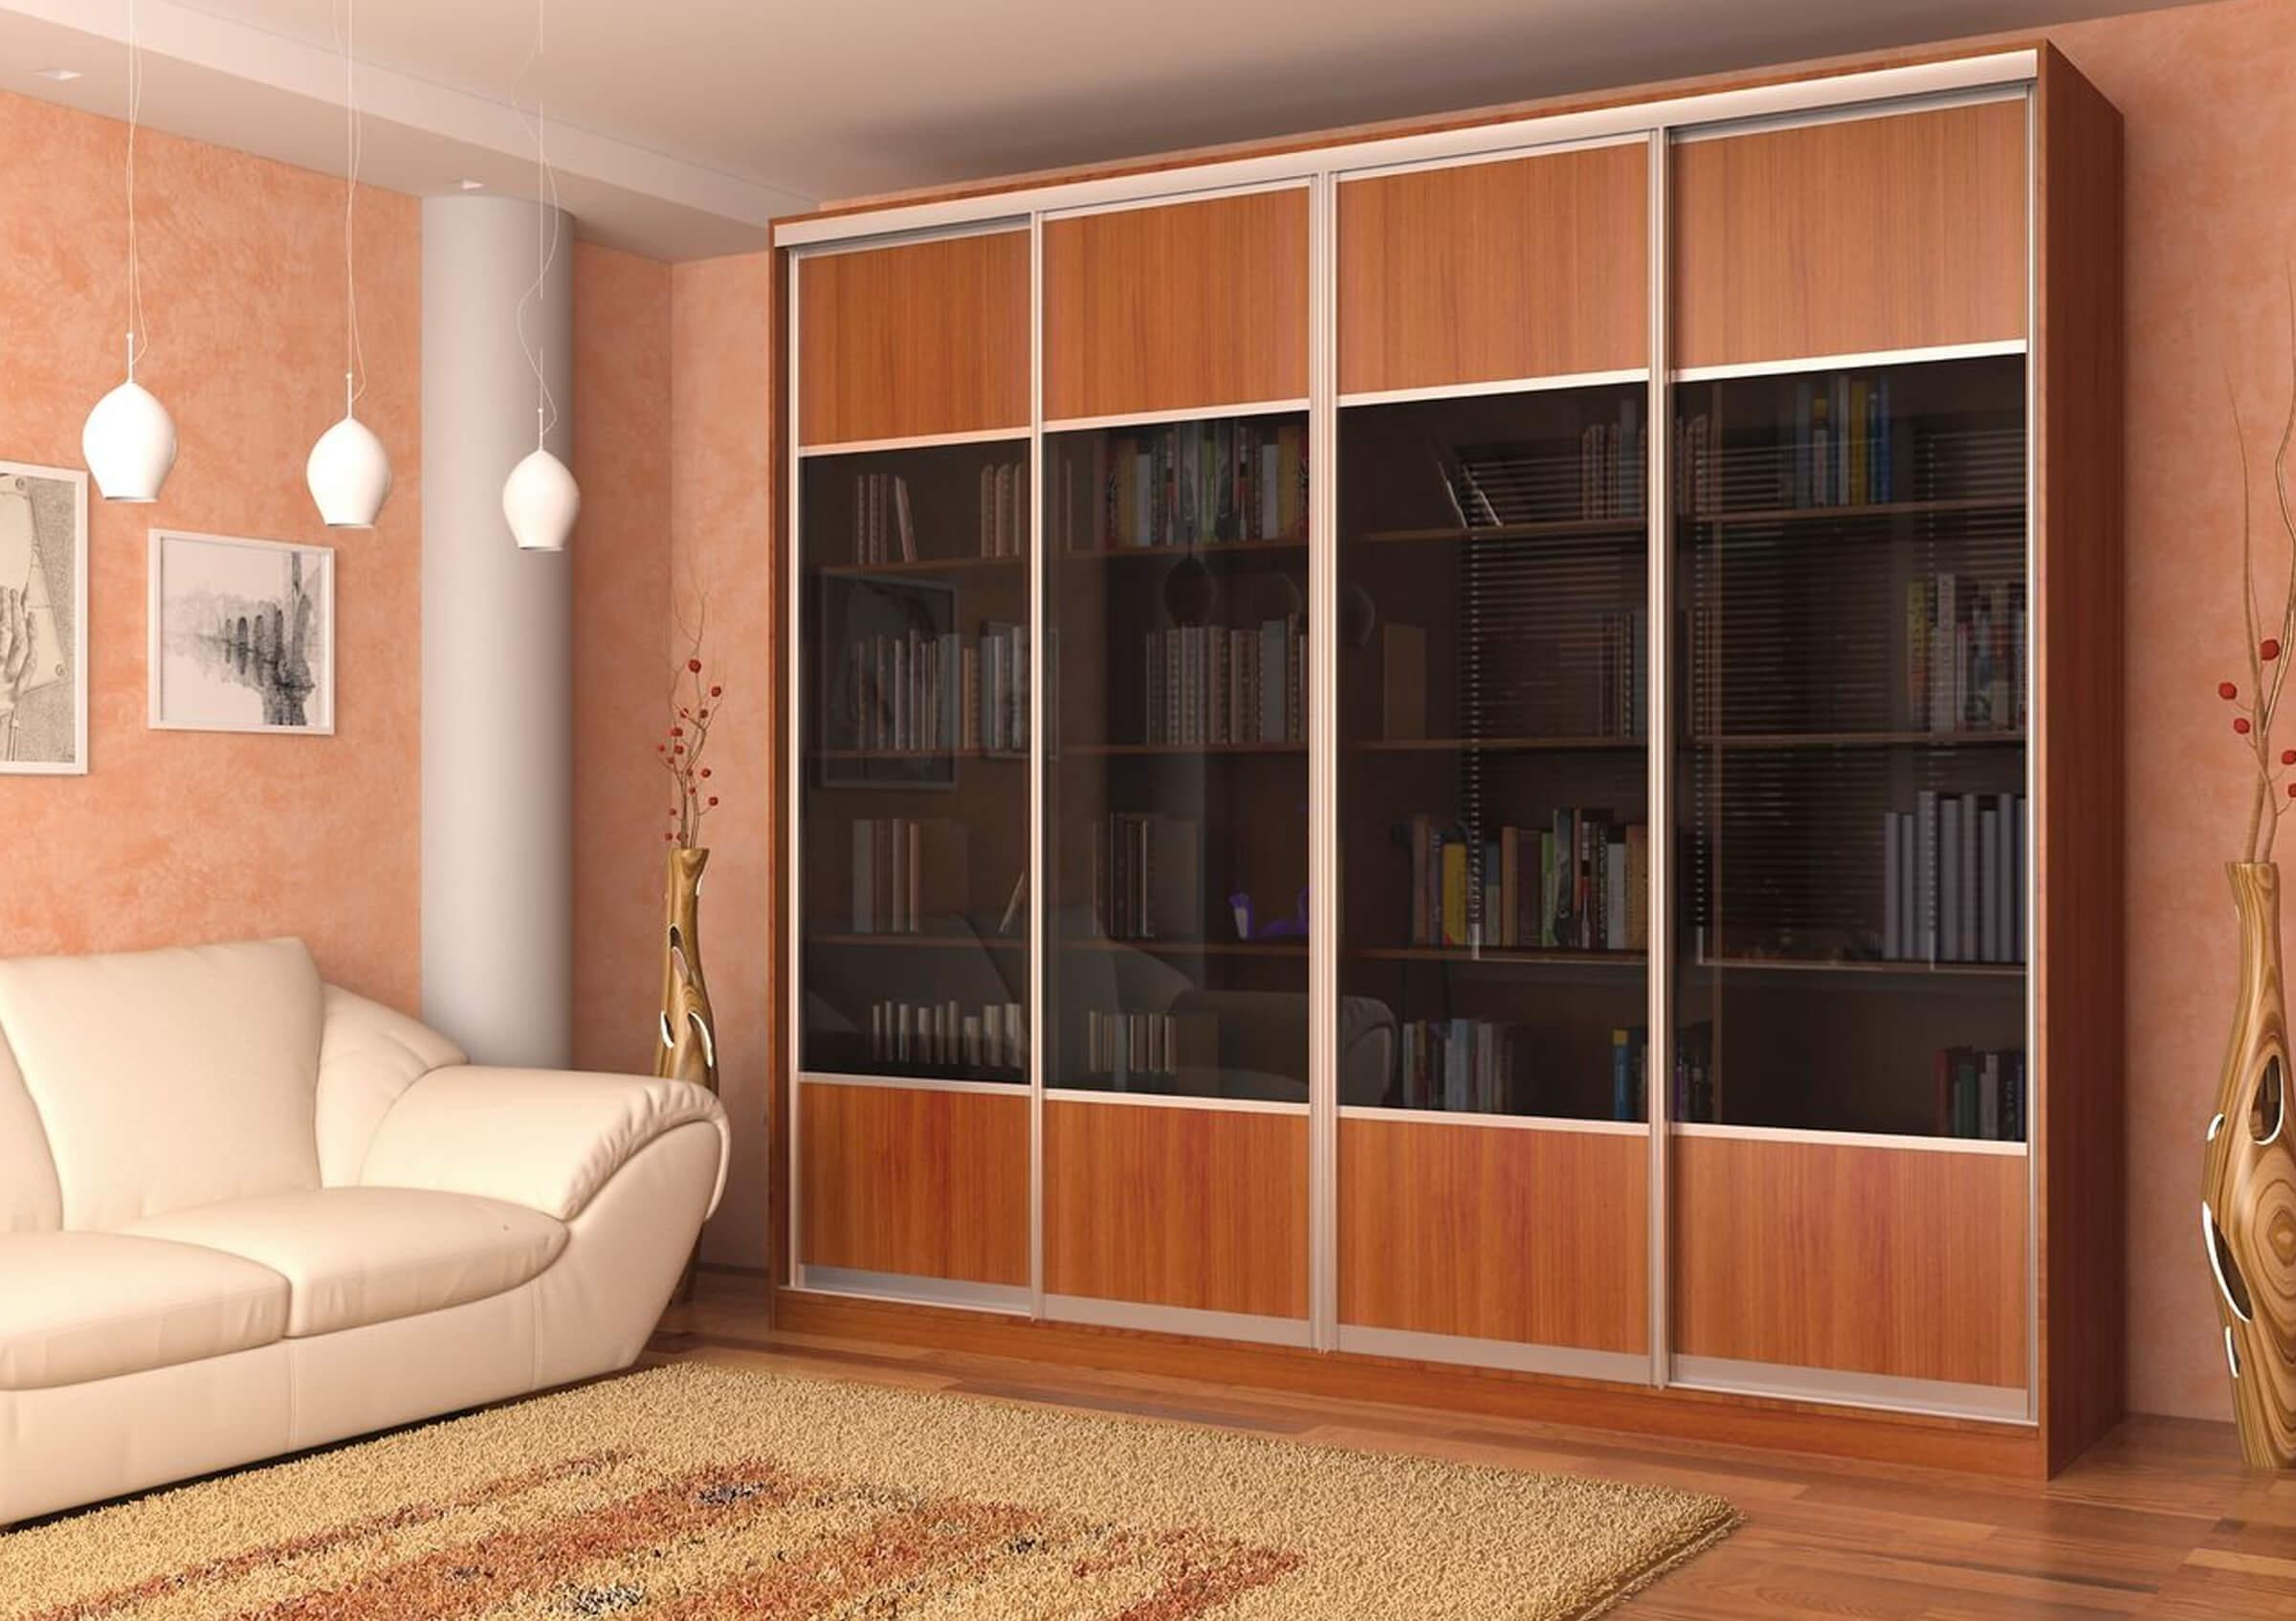 Шкаф купе под книги со стеклянными дверями в гостиную фабрик.